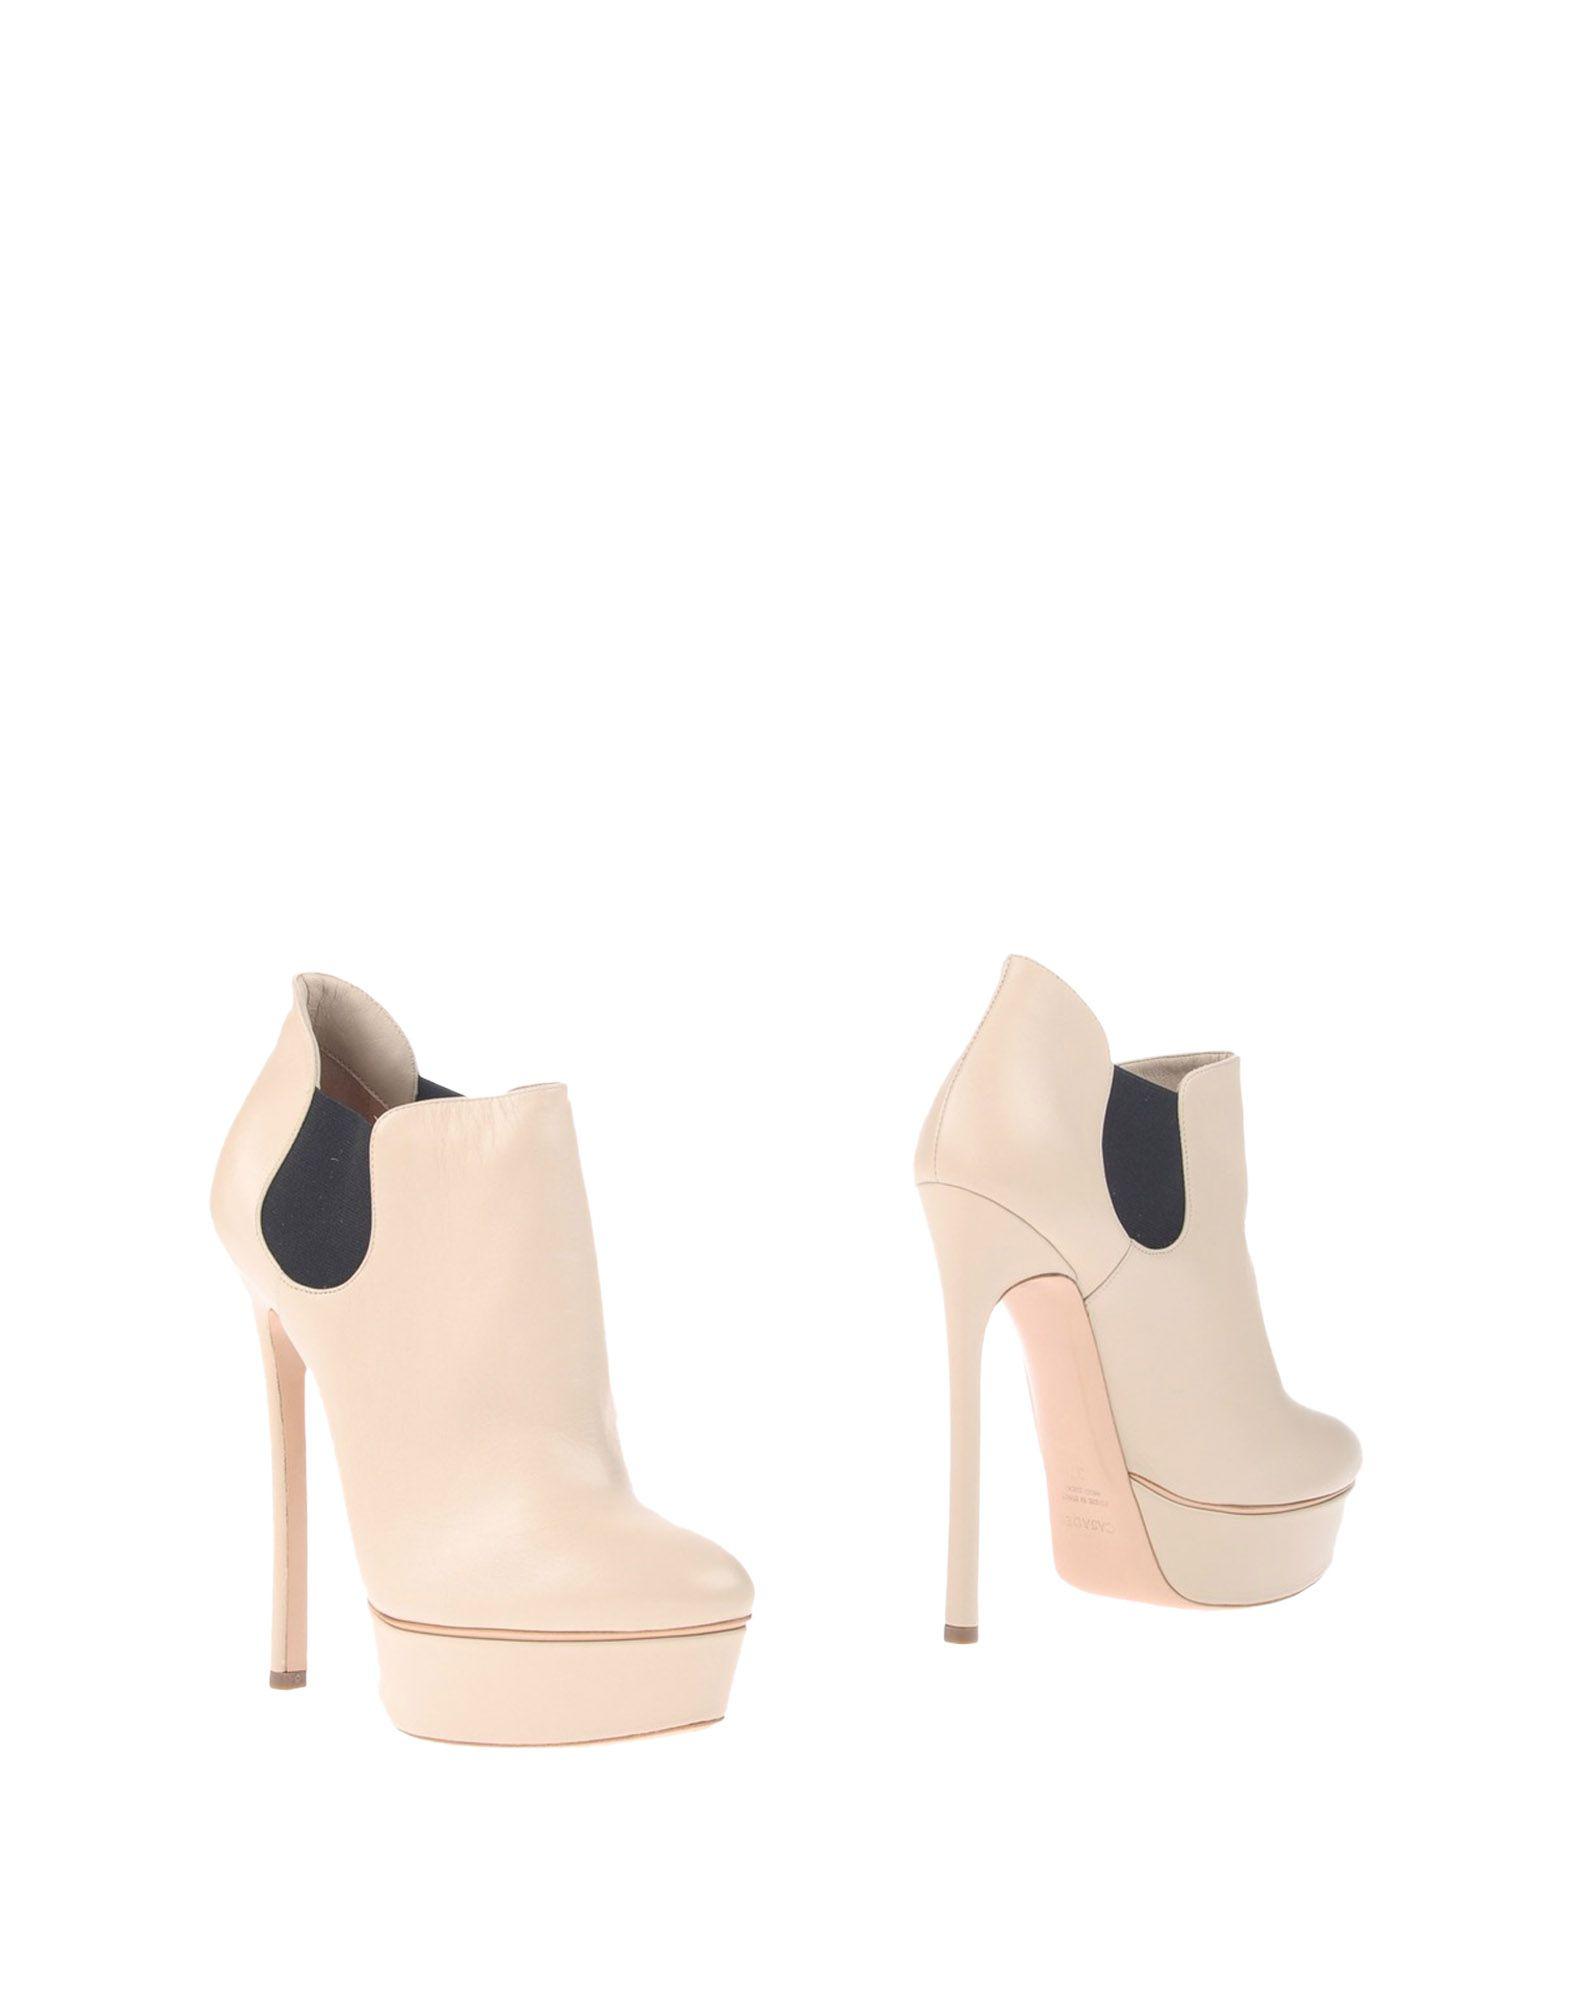 Haltbare Mode billige Schuhe Casadei Stiefelette Damen  11309142KX Heiße Schuhe